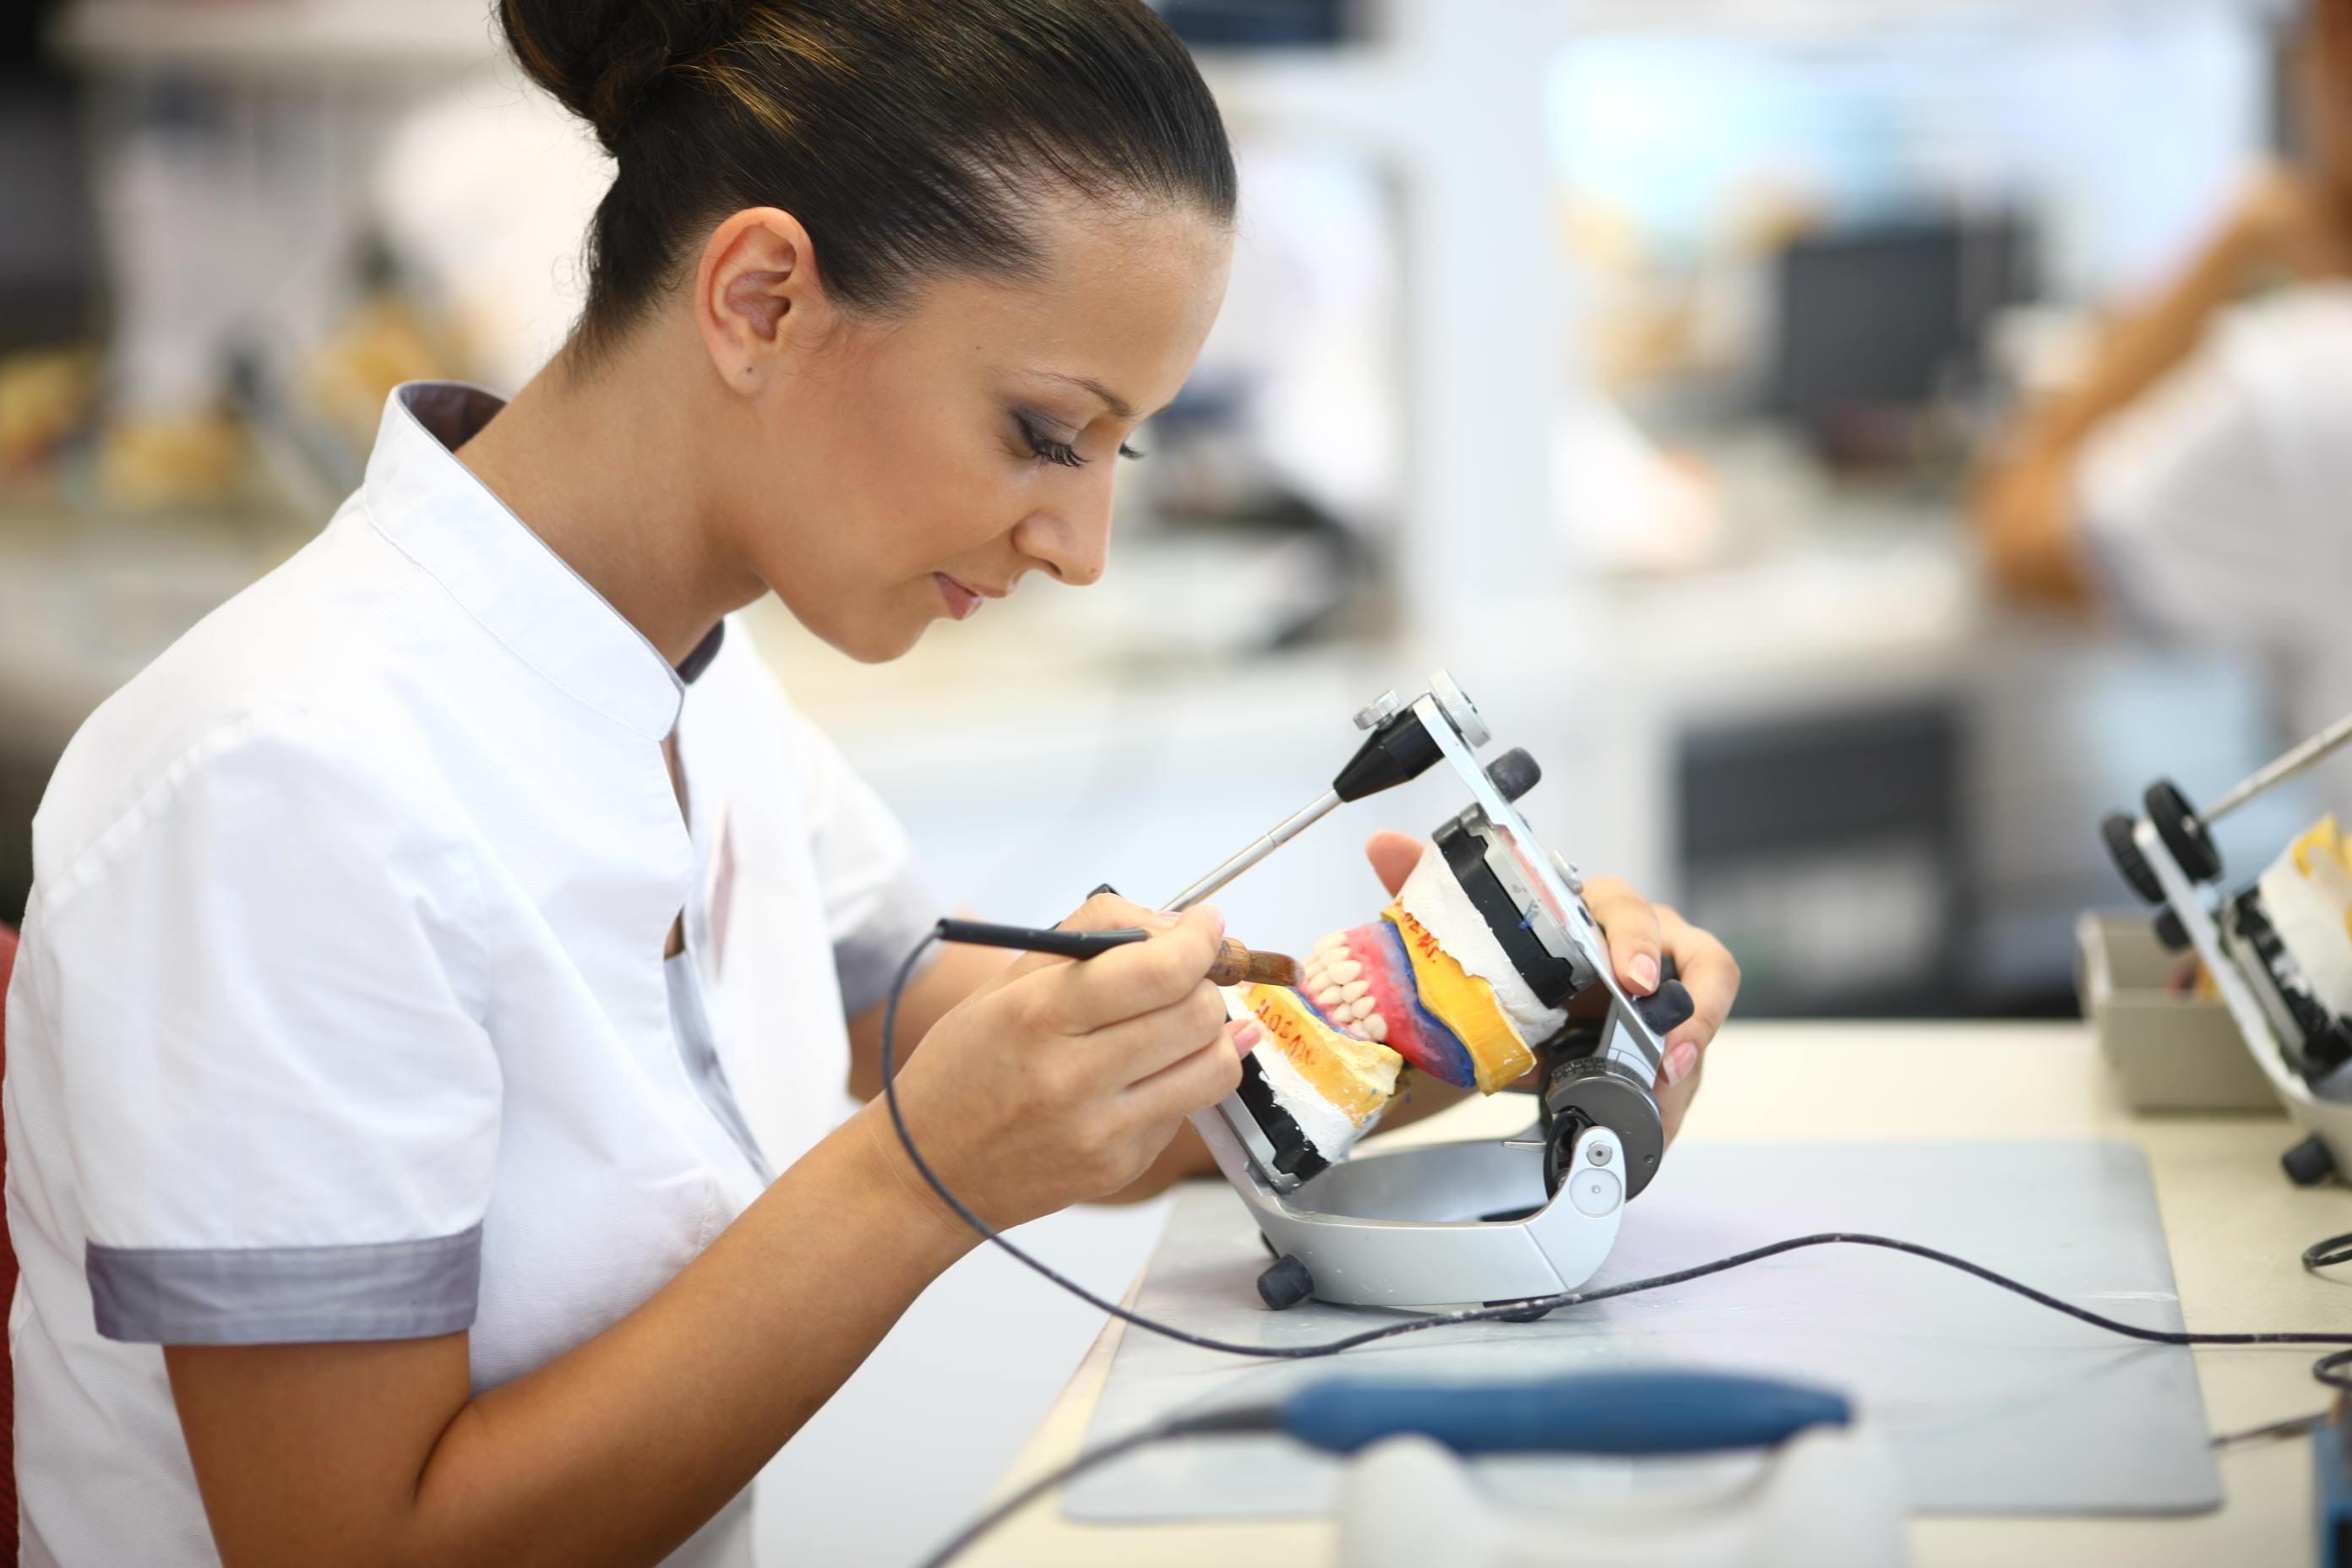 Ученые создали бюджетный диагностический инструмент для телефонов